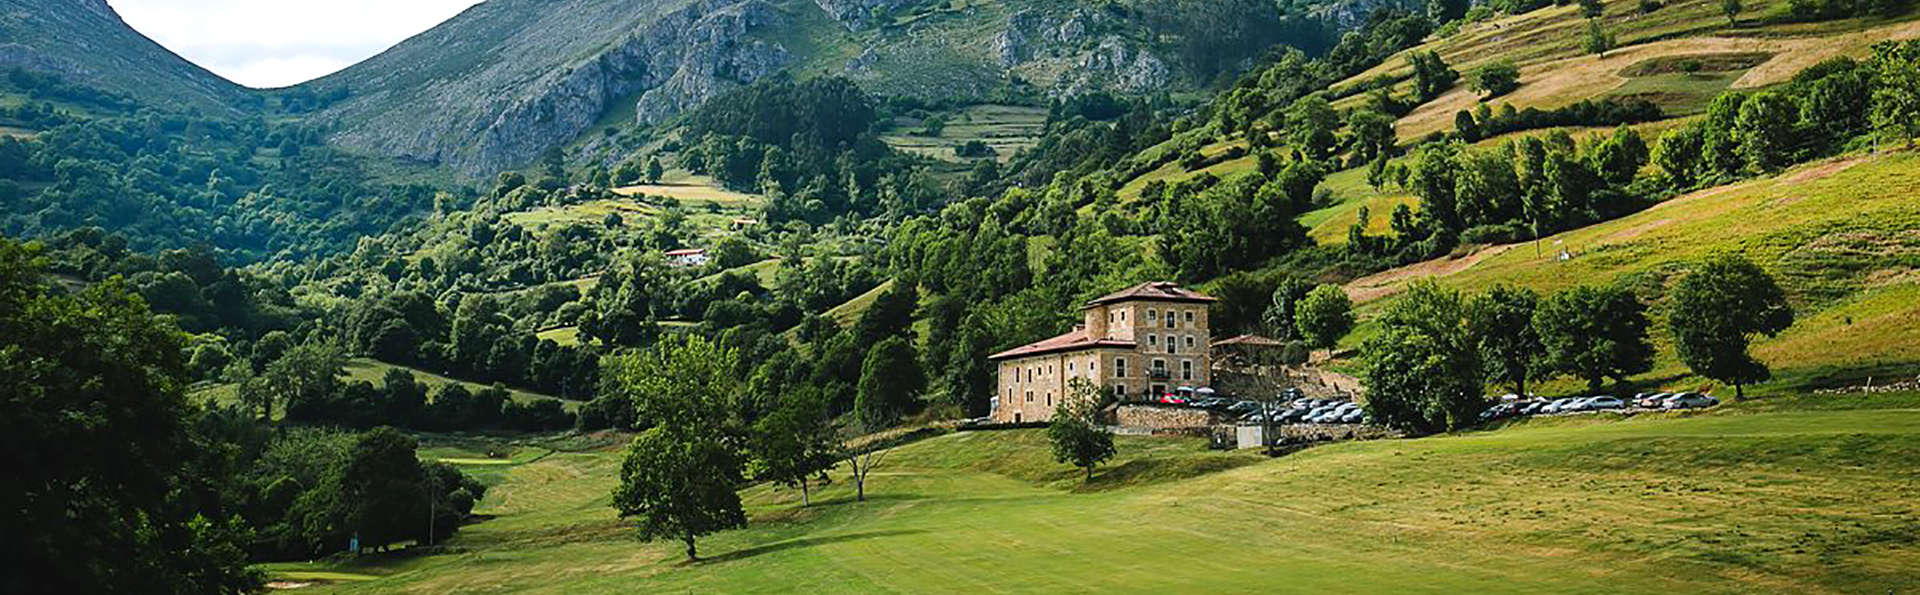 Palacio de Rubianes hotel & golf (inactive) - Edit_Front4.jpg